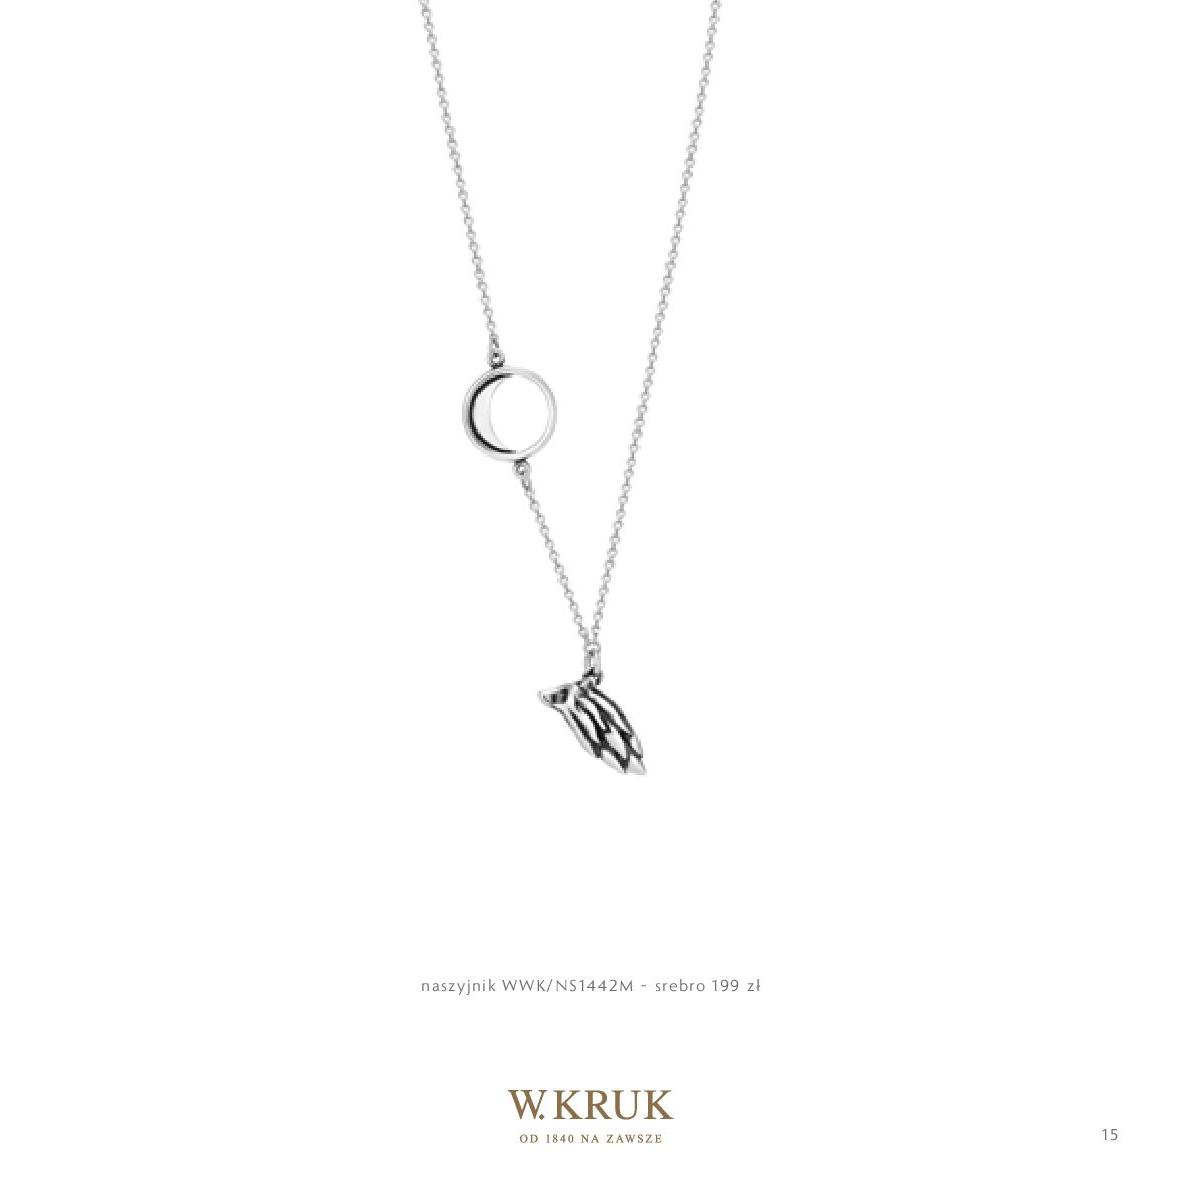 Gazetka W. KRUK: Katalog - Freedom Wolf 2021-02-17 page-17